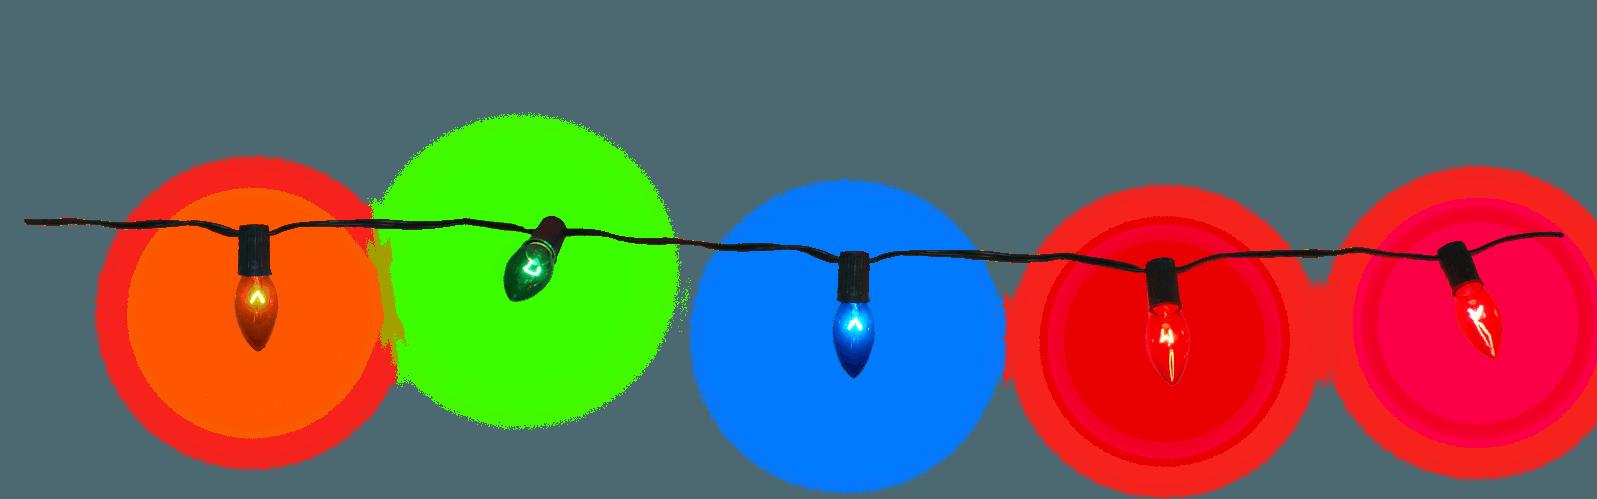 Luces De Navidad Png 1